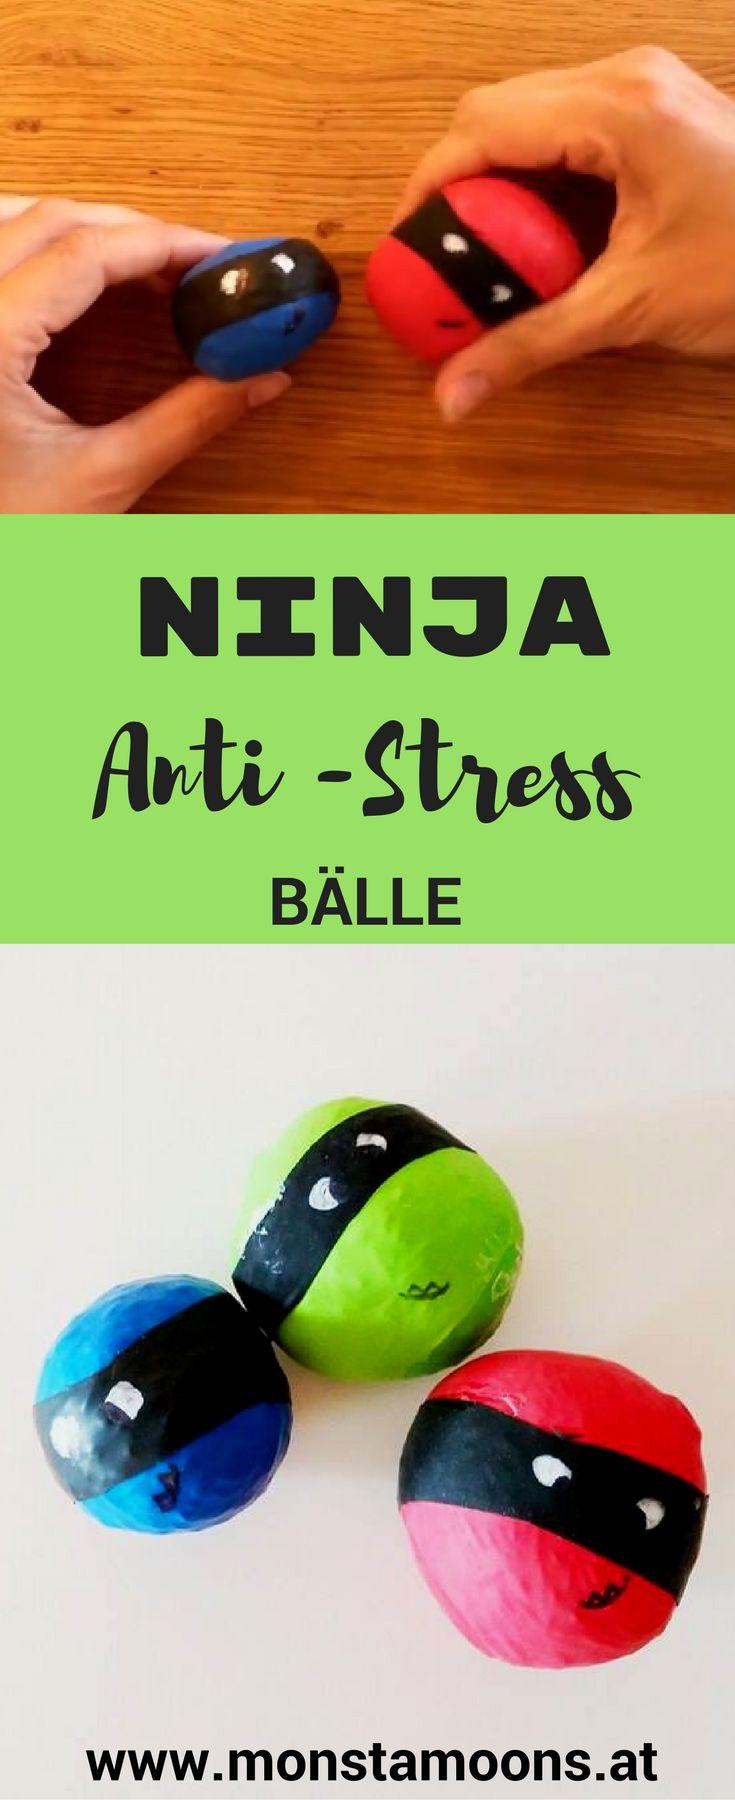 Antistressbälle basteln, DIY Antistressbälle, Ninja crafts, Ninjas basteln, Monstamoons, Jungskram, Basteln mit Kindern